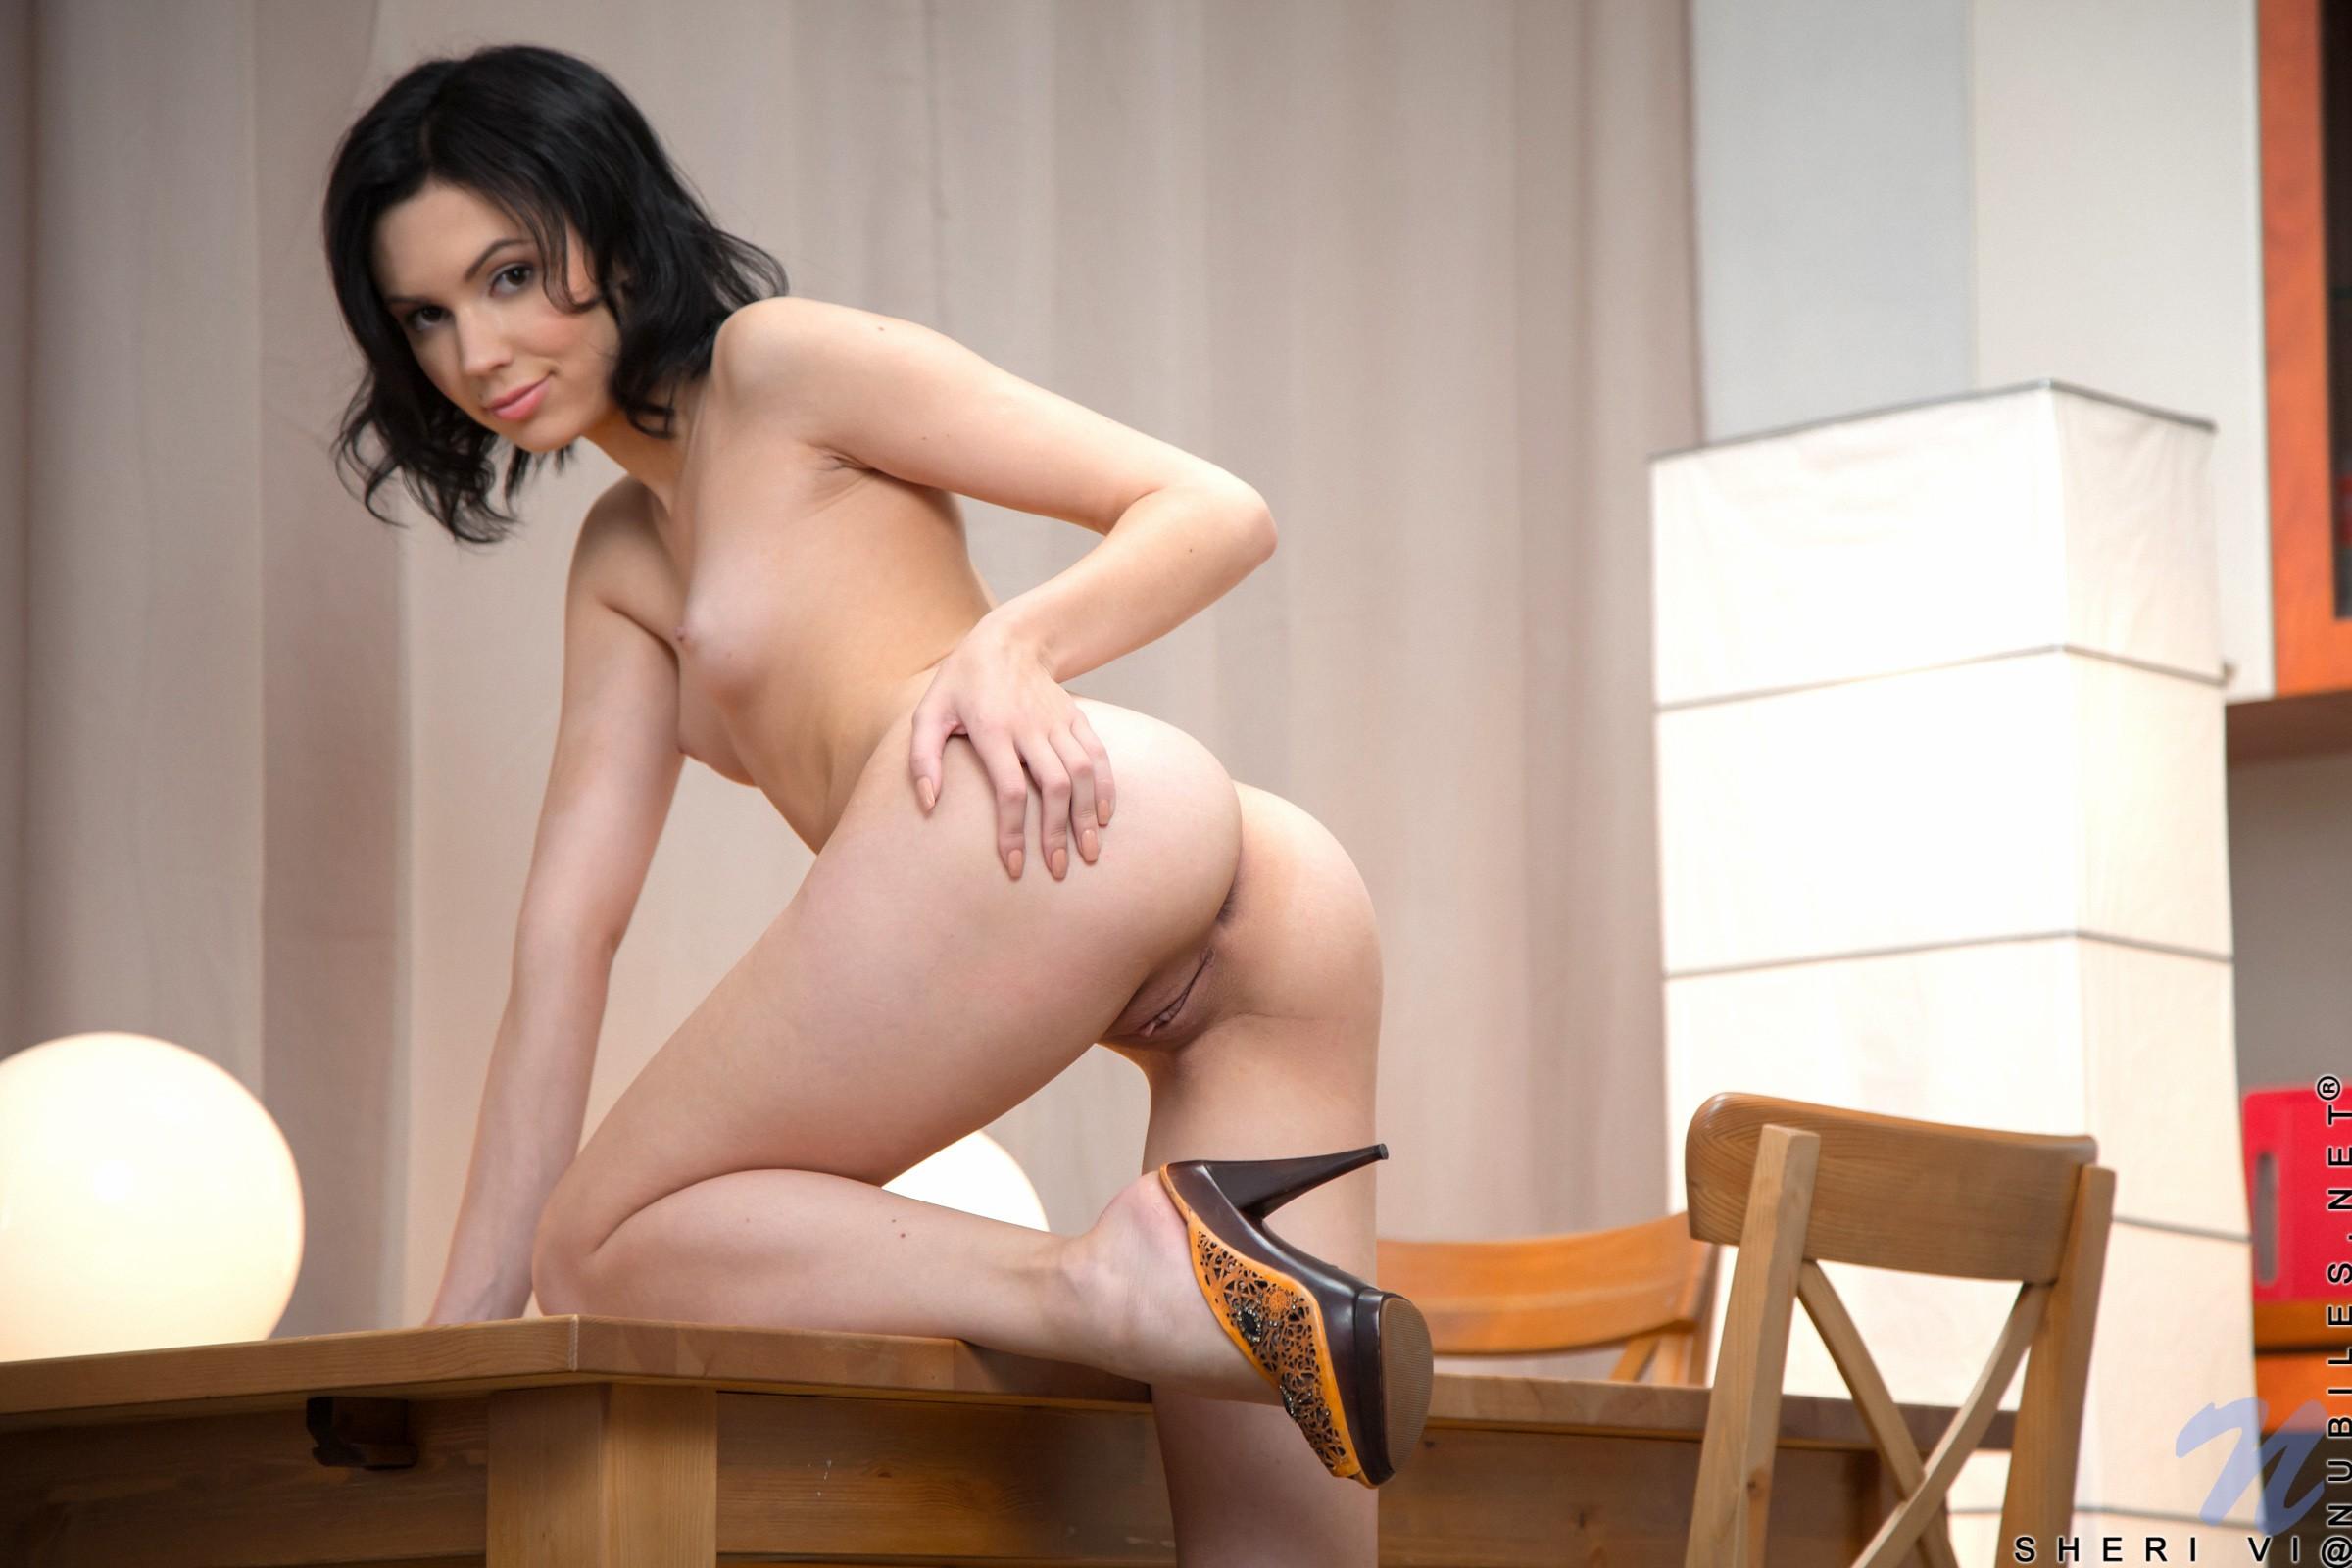 порно фото девушек с медленным раздеванием хотелось добавить